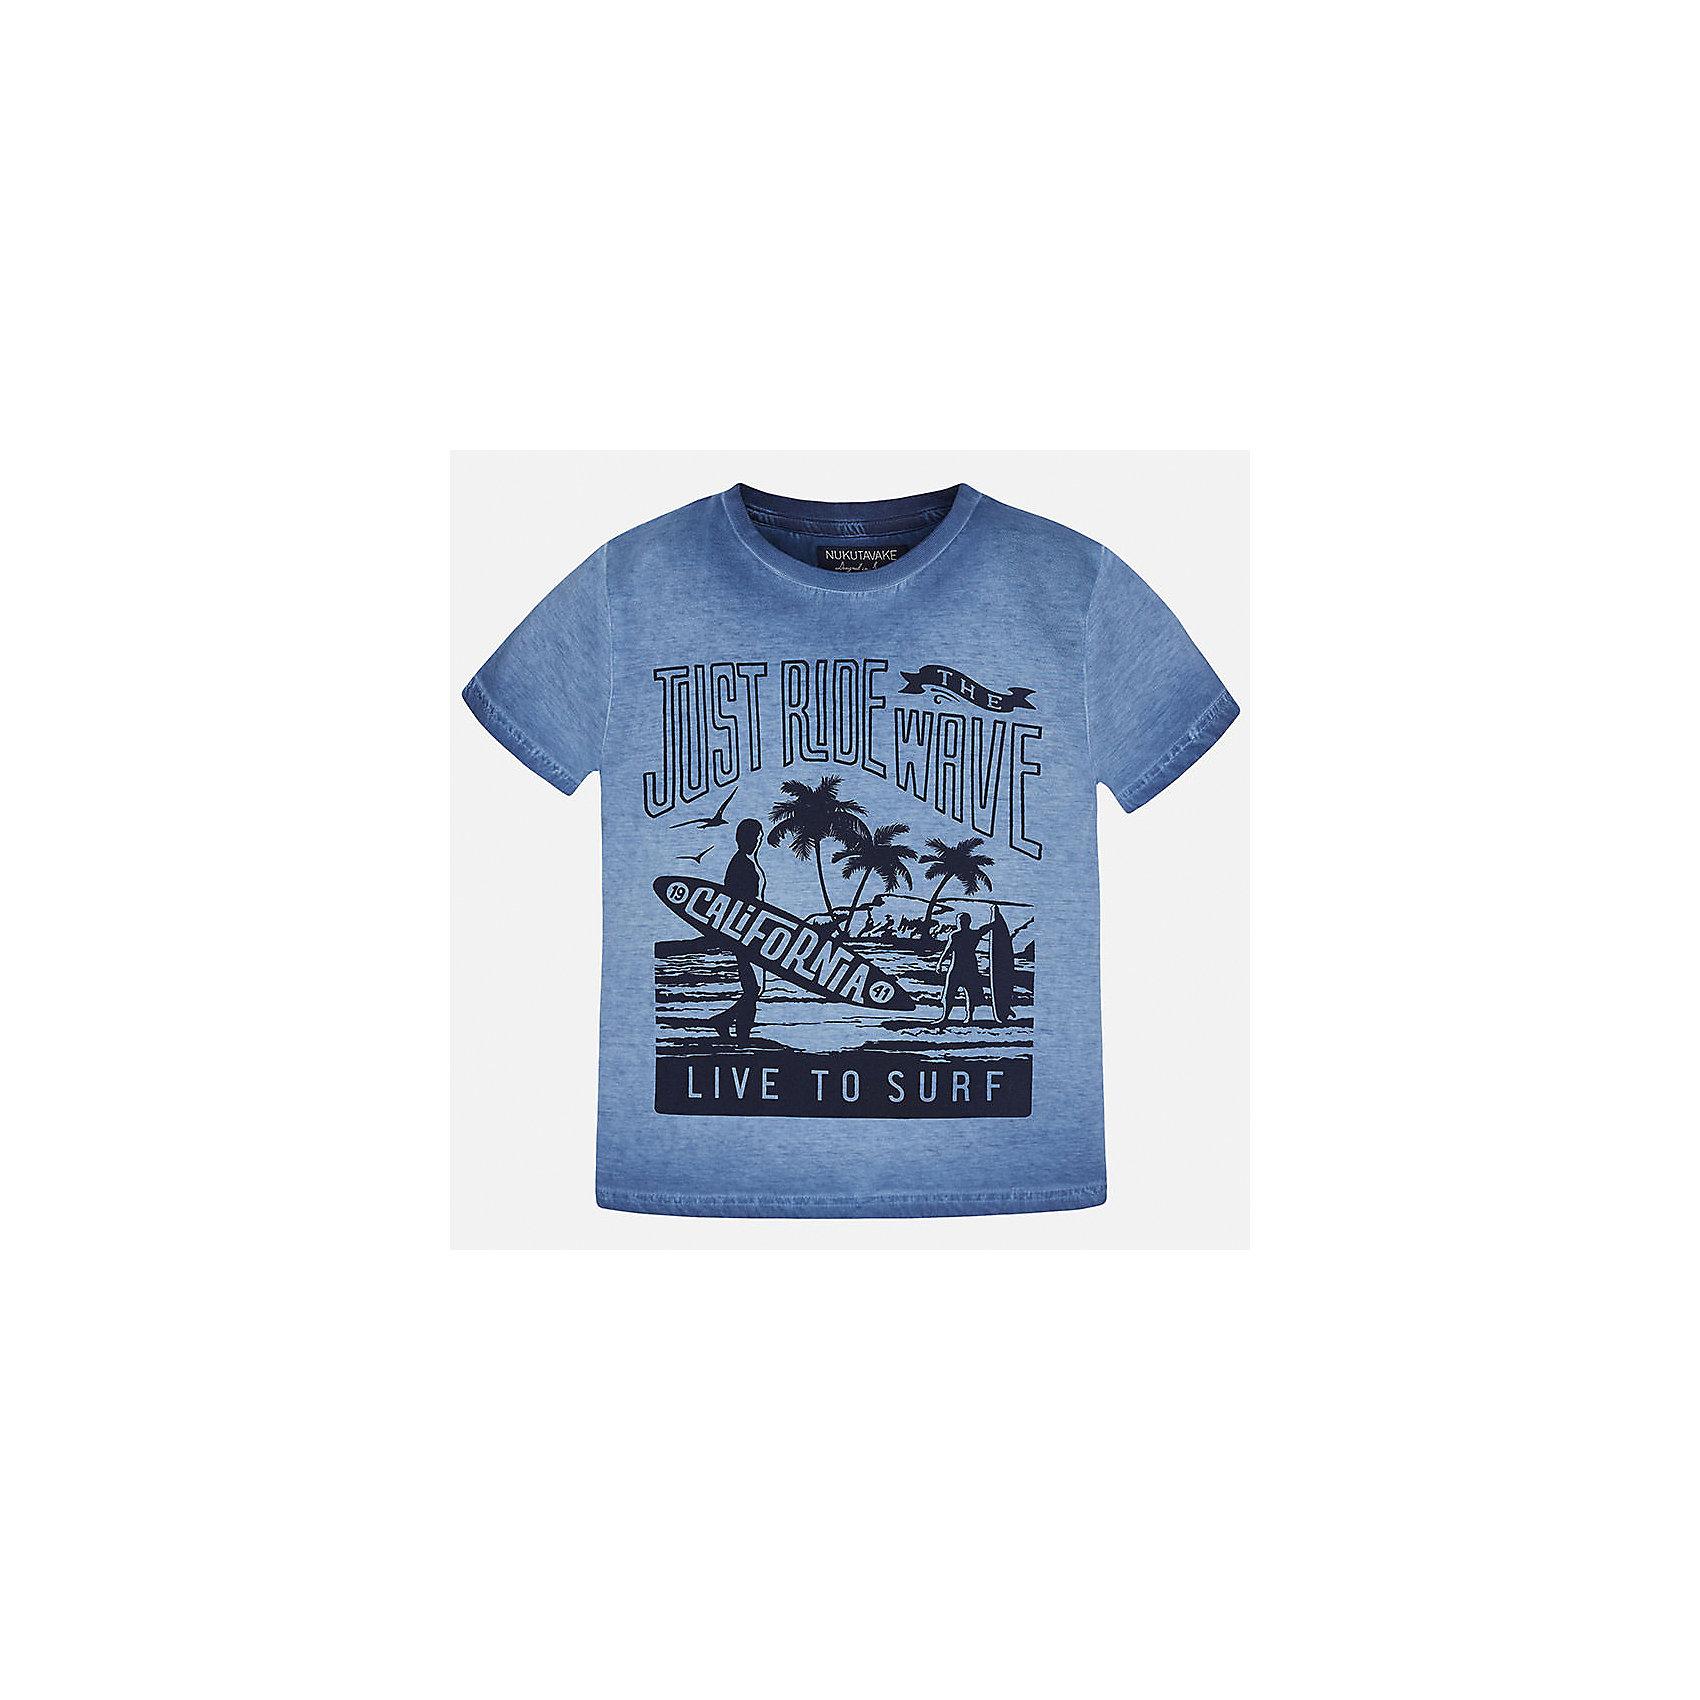 Футболка для мальчика MayoralЛови волну<br>Характеристики товара:<br><br>• цвет: синий<br>• состав: 100% хлопок<br>• круглый горловой вырез<br>• декорирована принтом<br>• короткие рукава<br>• мягкая отделка горловины<br>• страна бренда: Испания<br><br>Модная удобная футболка с принтом поможет разнообразить гардероб мальчика. Она отлично сочетается с брюками, шортами, джинсами. Универсальный крой и цвет позволяет подобрать к вещи низ разных расцветок. Практичное и стильное изделие! Хорошо смотрится и комфортно сидит на детях. В составе материала - только натуральный хлопок, гипоаллергенный, приятный на ощупь, дышащий. <br><br>Одежда, обувь и аксессуары от испанского бренда Mayoral полюбились детям и взрослым по всему миру. Модели этой марки - стильные и удобные. Для их производства используются только безопасные, качественные материалы и фурнитура. Порадуйте ребенка модными и красивыми вещами от Mayoral! <br><br>Футболку для мальчика от испанского бренда Mayoral (Майорал) можно купить в нашем интернет-магазине.<br><br>Ширина мм: 199<br>Глубина мм: 10<br>Высота мм: 161<br>Вес г: 151<br>Цвет: синий<br>Возраст от месяцев: 84<br>Возраст до месяцев: 96<br>Пол: Мужской<br>Возраст: Детский<br>Размер: 128/134,170,164,158,152,140<br>SKU: 5281374